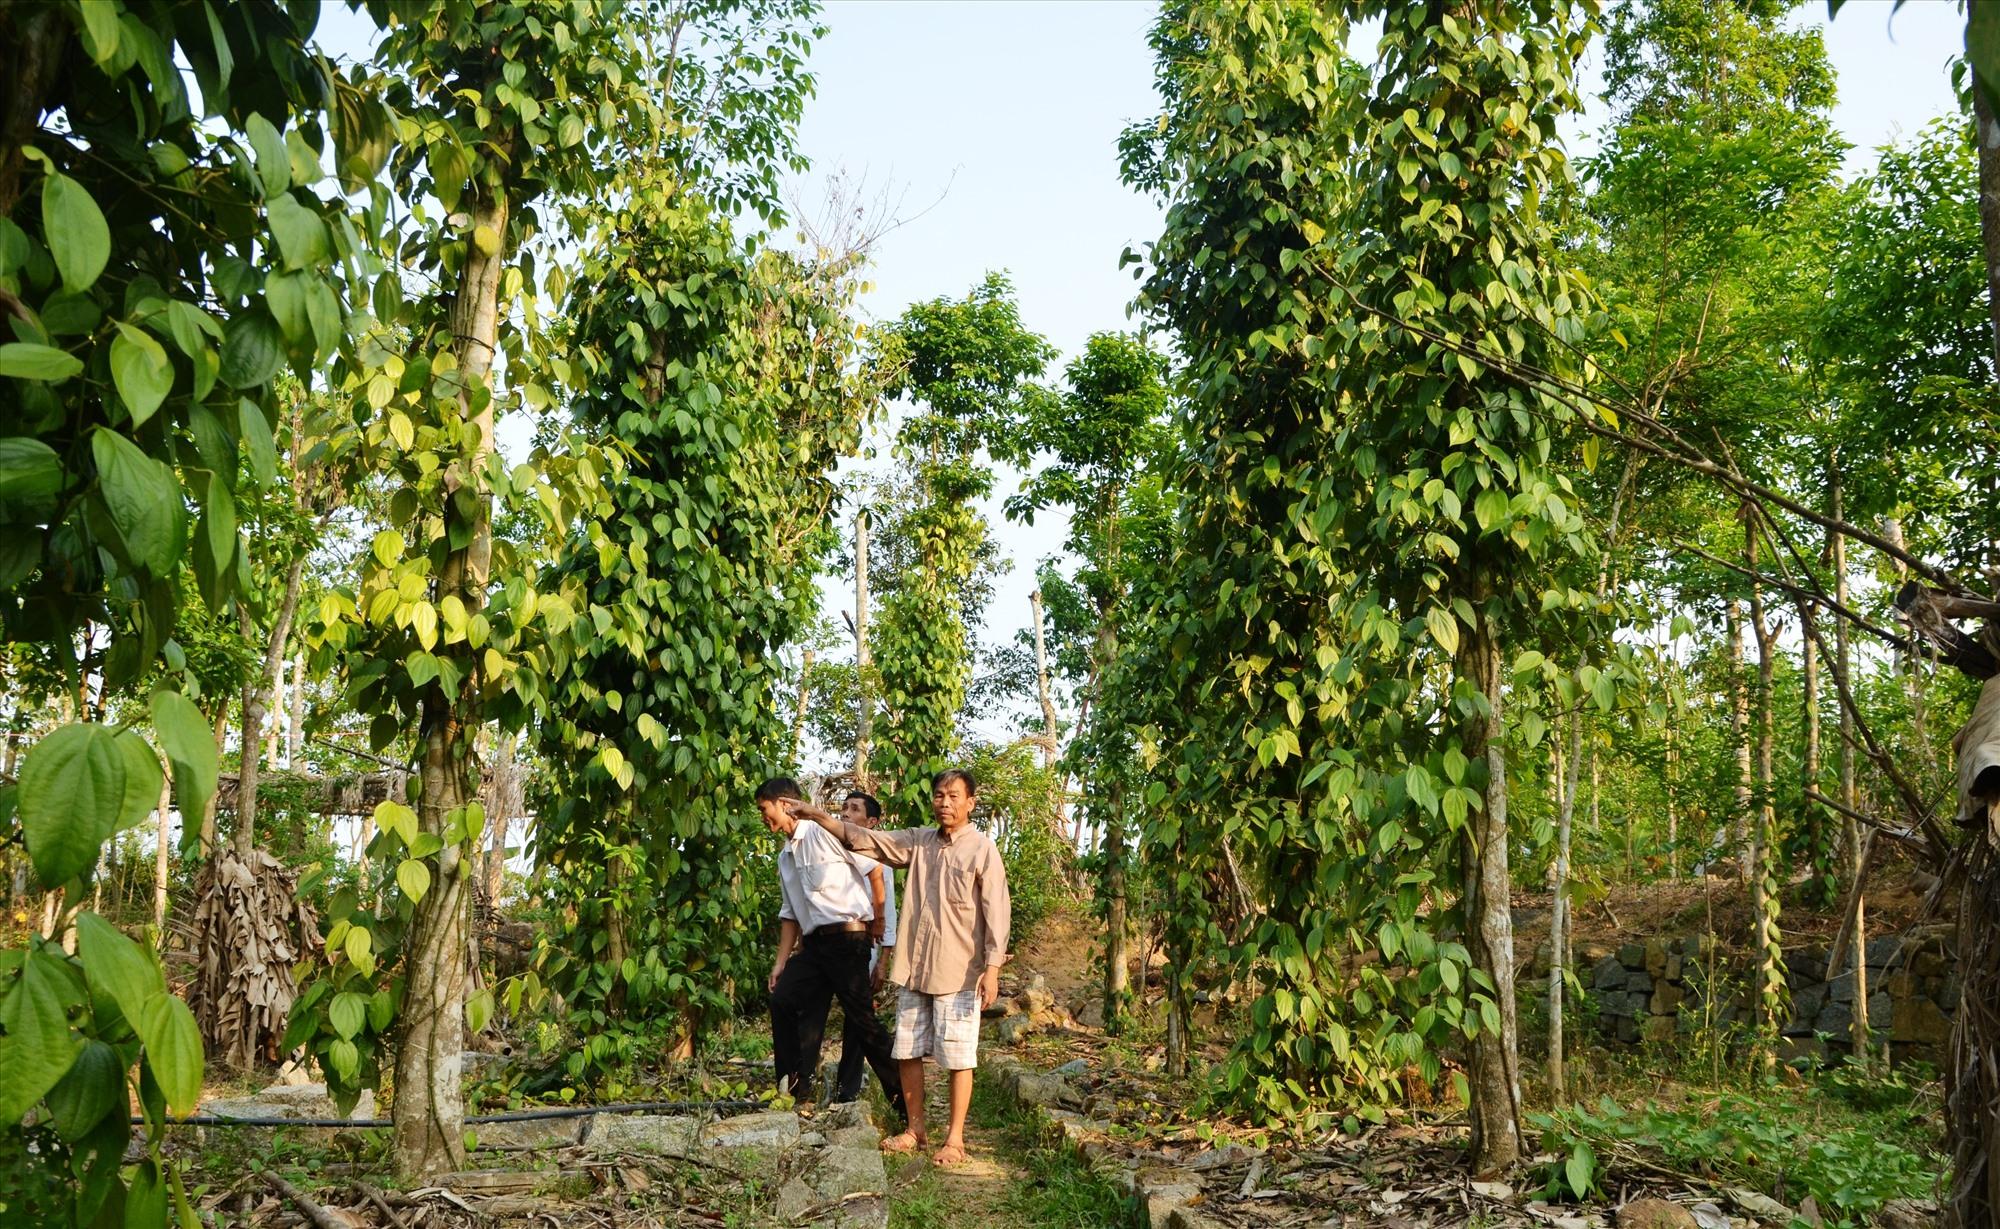 Năm 2020 Tiên Phước phấn đấu có 5 xã về đích xây dựng nông thôn mới.